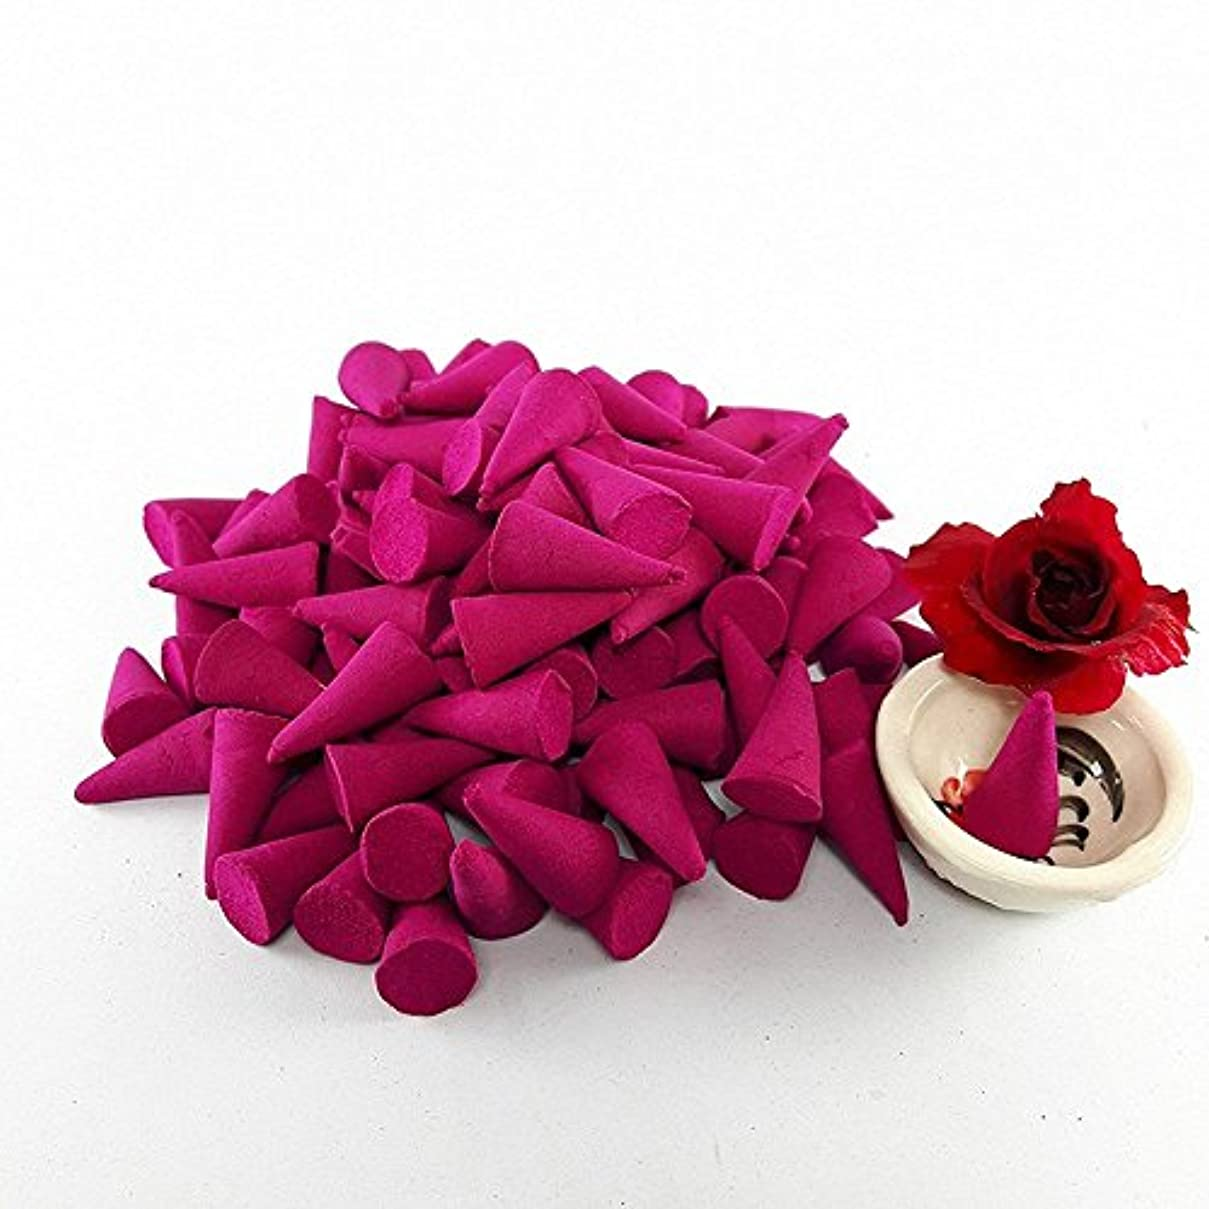 変換サイバースペースファンシー家庭用線香 Incense Cones Mixed Variety of Fragrance Relax Aromatherapy Spa (Pack of 100 Cones) With Burner Holder Thai...